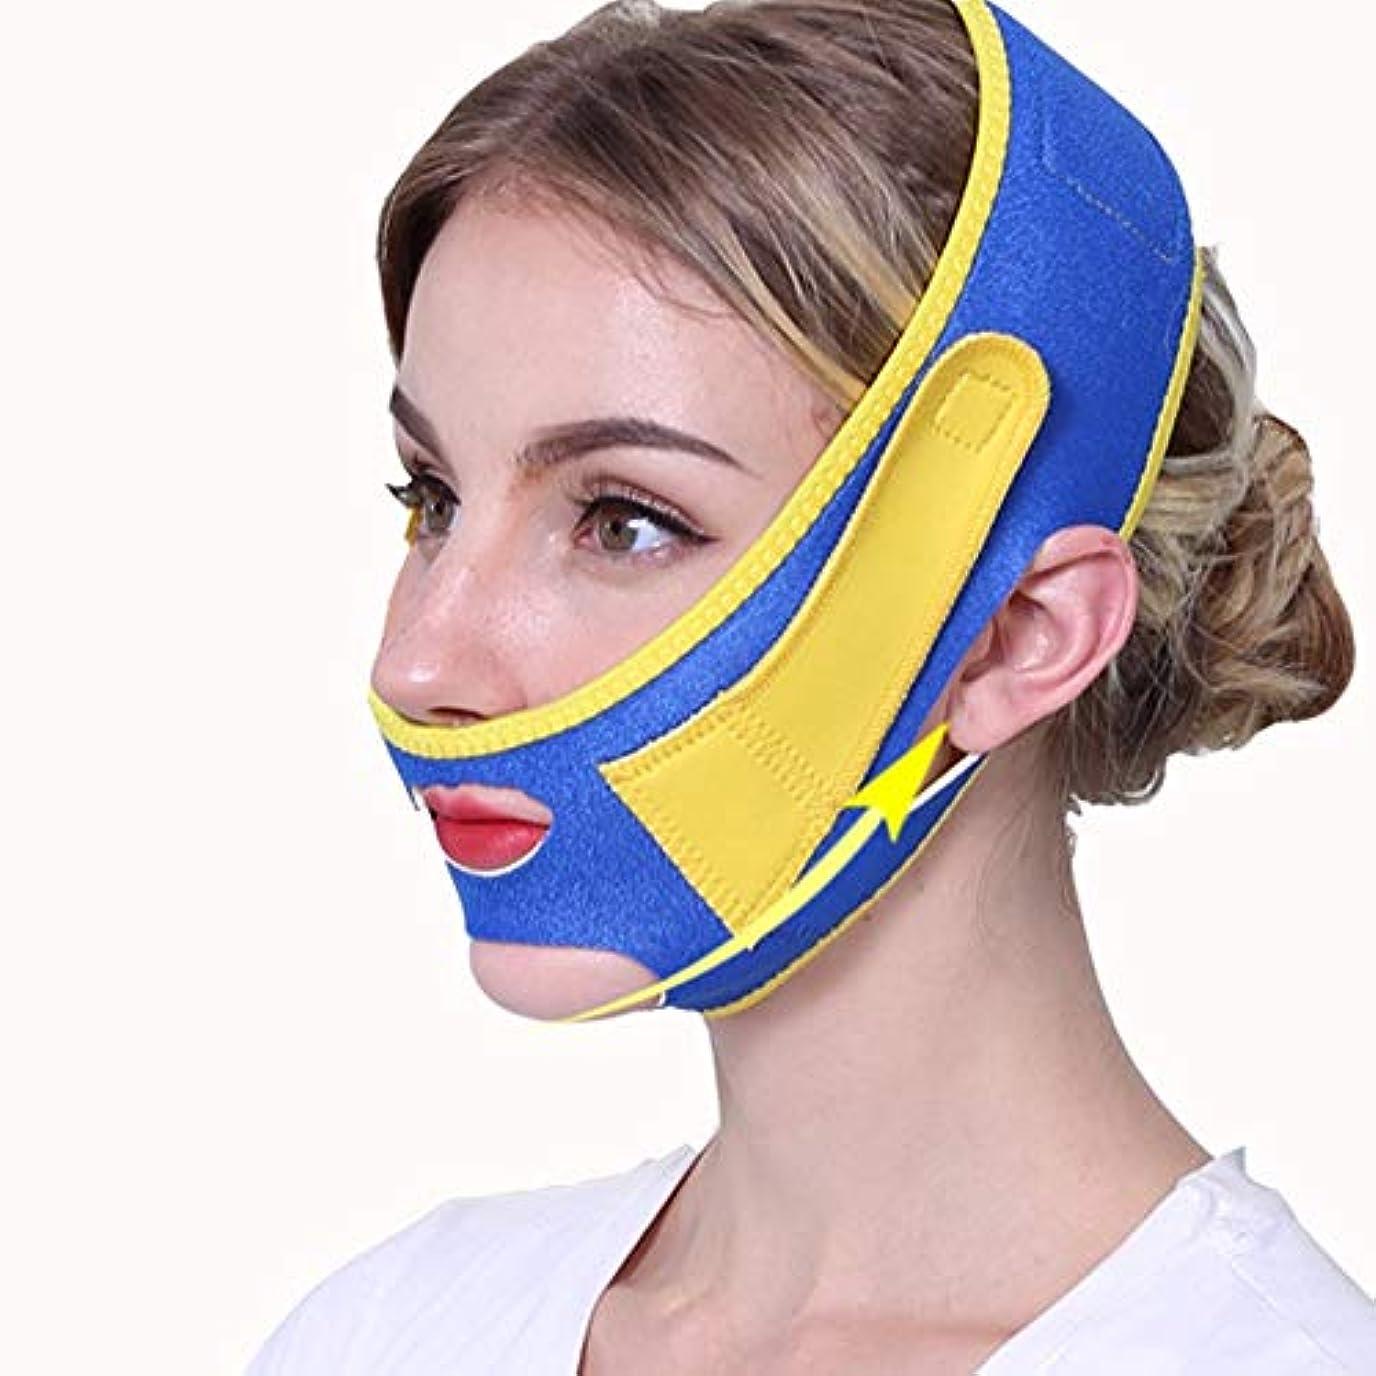 失背の高い手紙を書くXINGZHE フェイシャルリフティング痩身ベルトフェイス包帯マスク整形マスクフェイスベルトを引き締める薄型フェイス包帯整形マスクフェイスと首の顔を引き締めスリム フェイスリフティングベルト